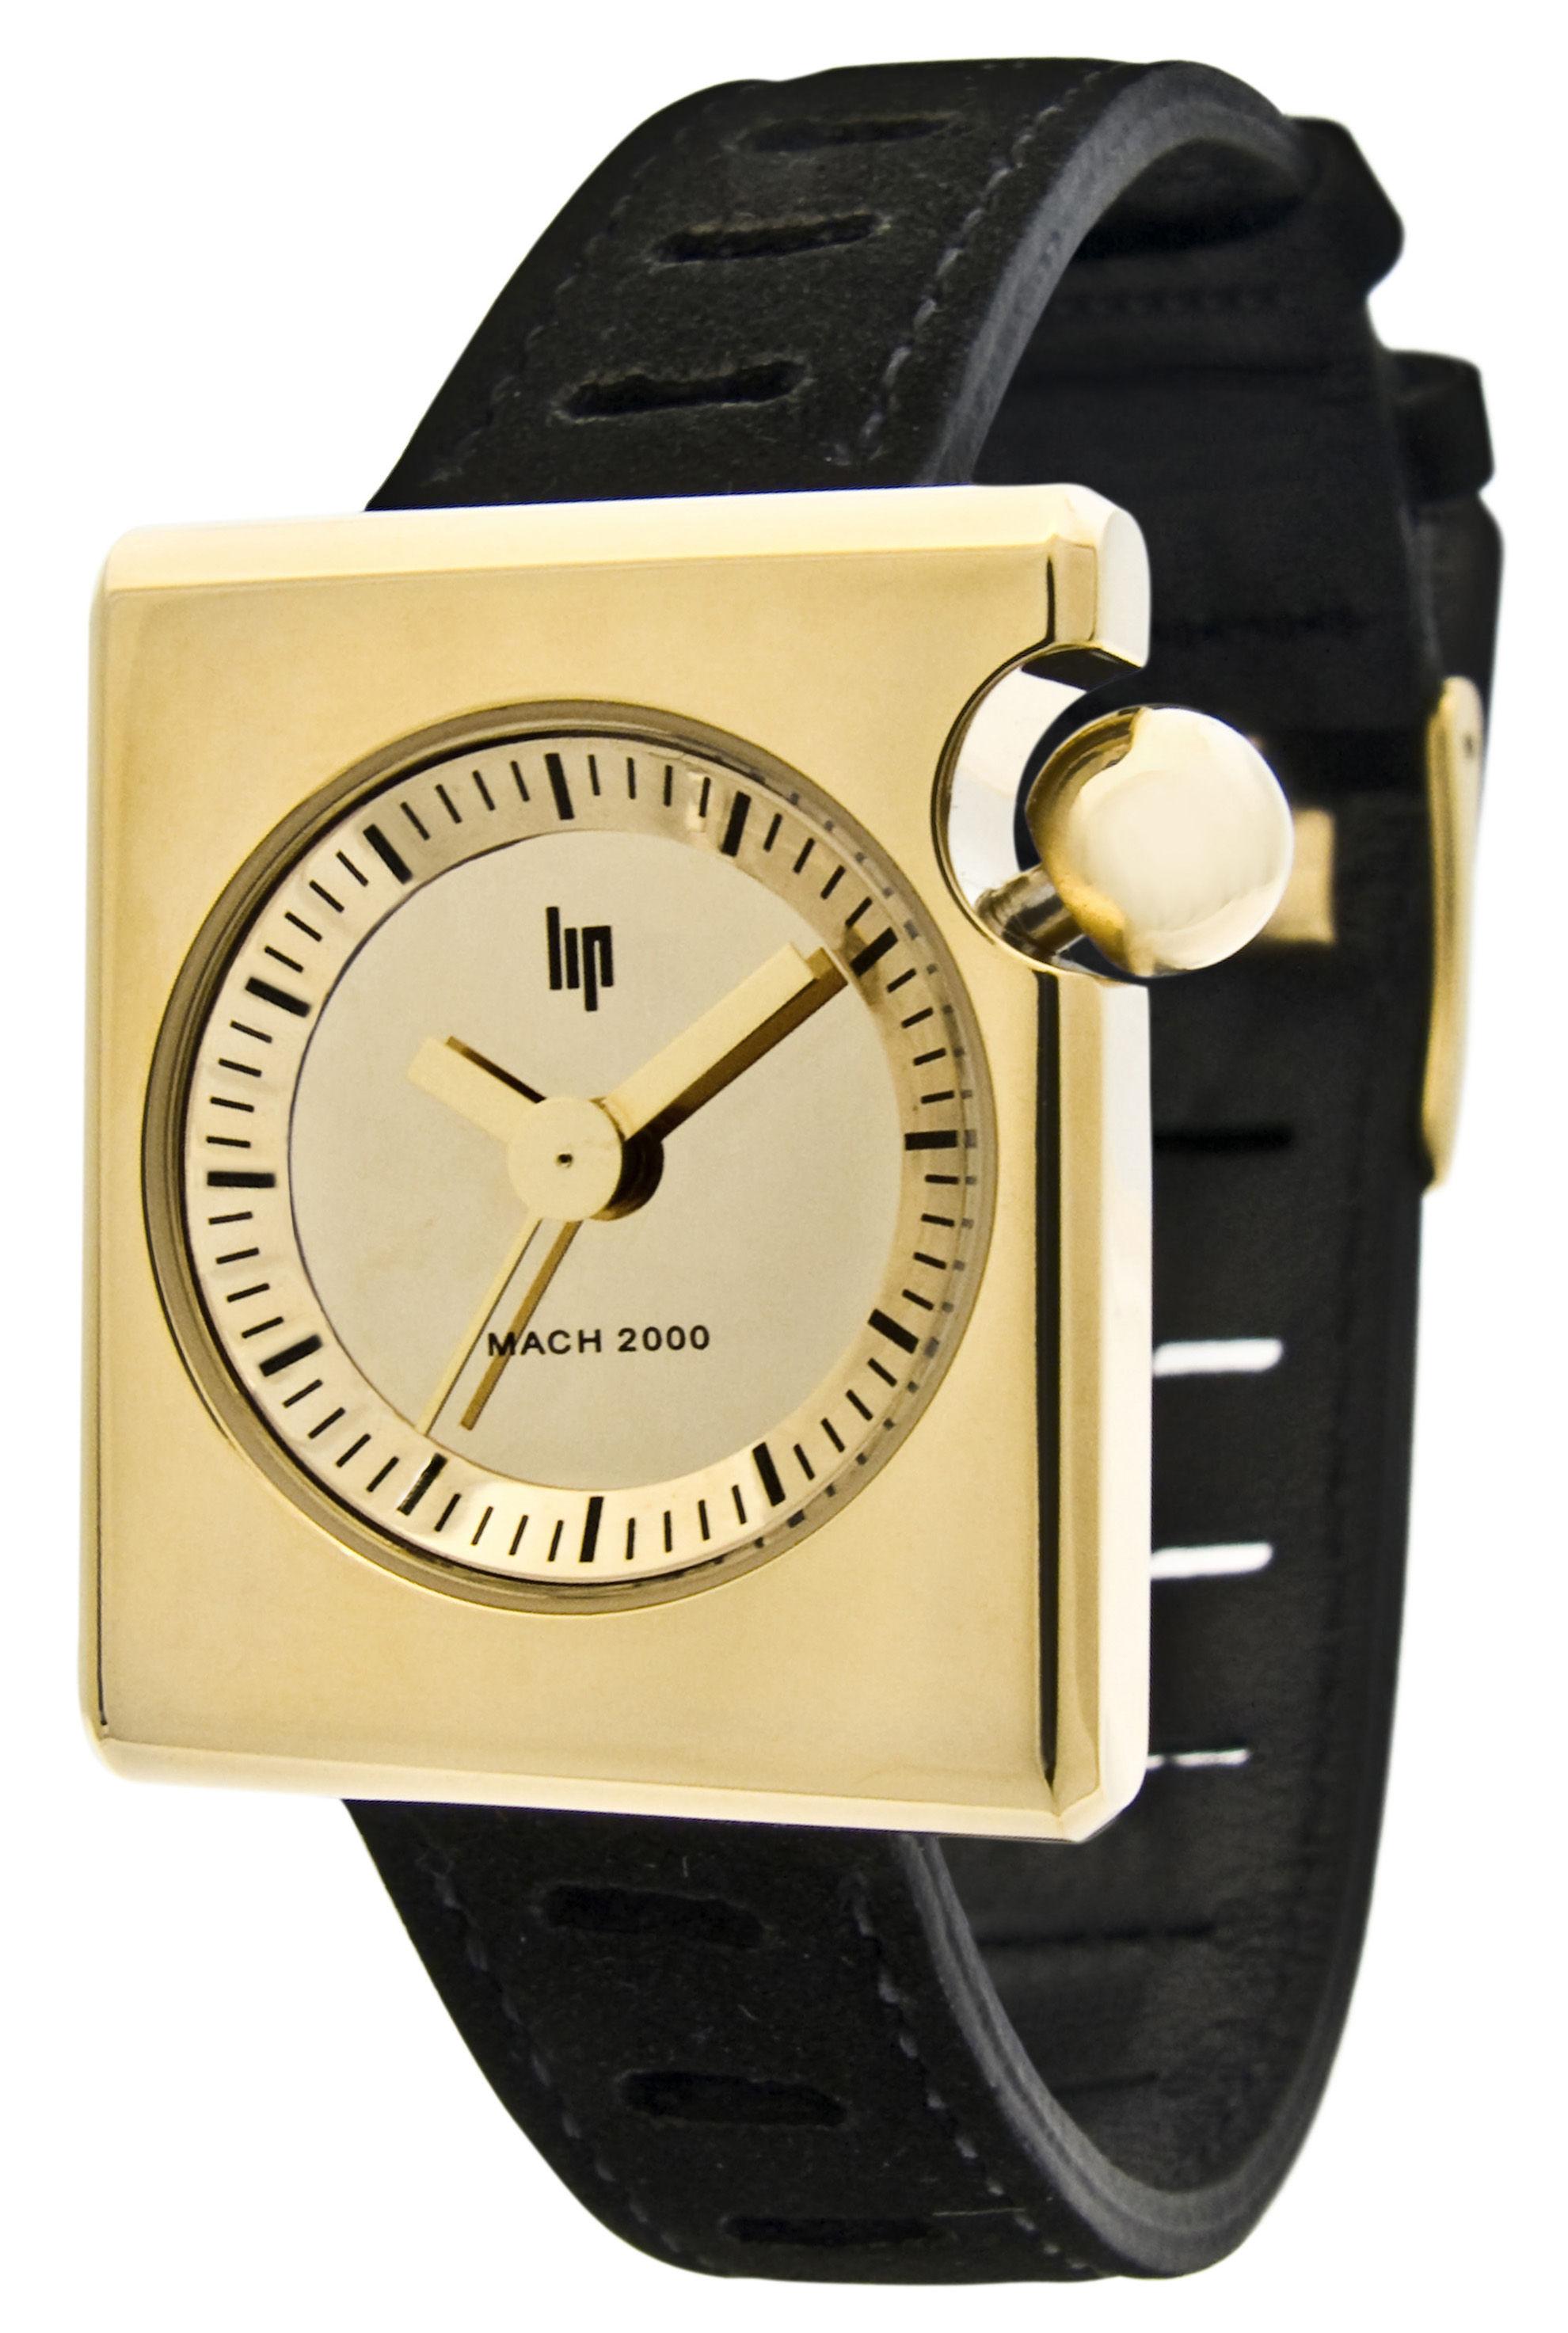 Accessoires - Montres - Montre Duchesse Gold - Lip - Bracelet noir / cadran or - Acier doré, Cuir